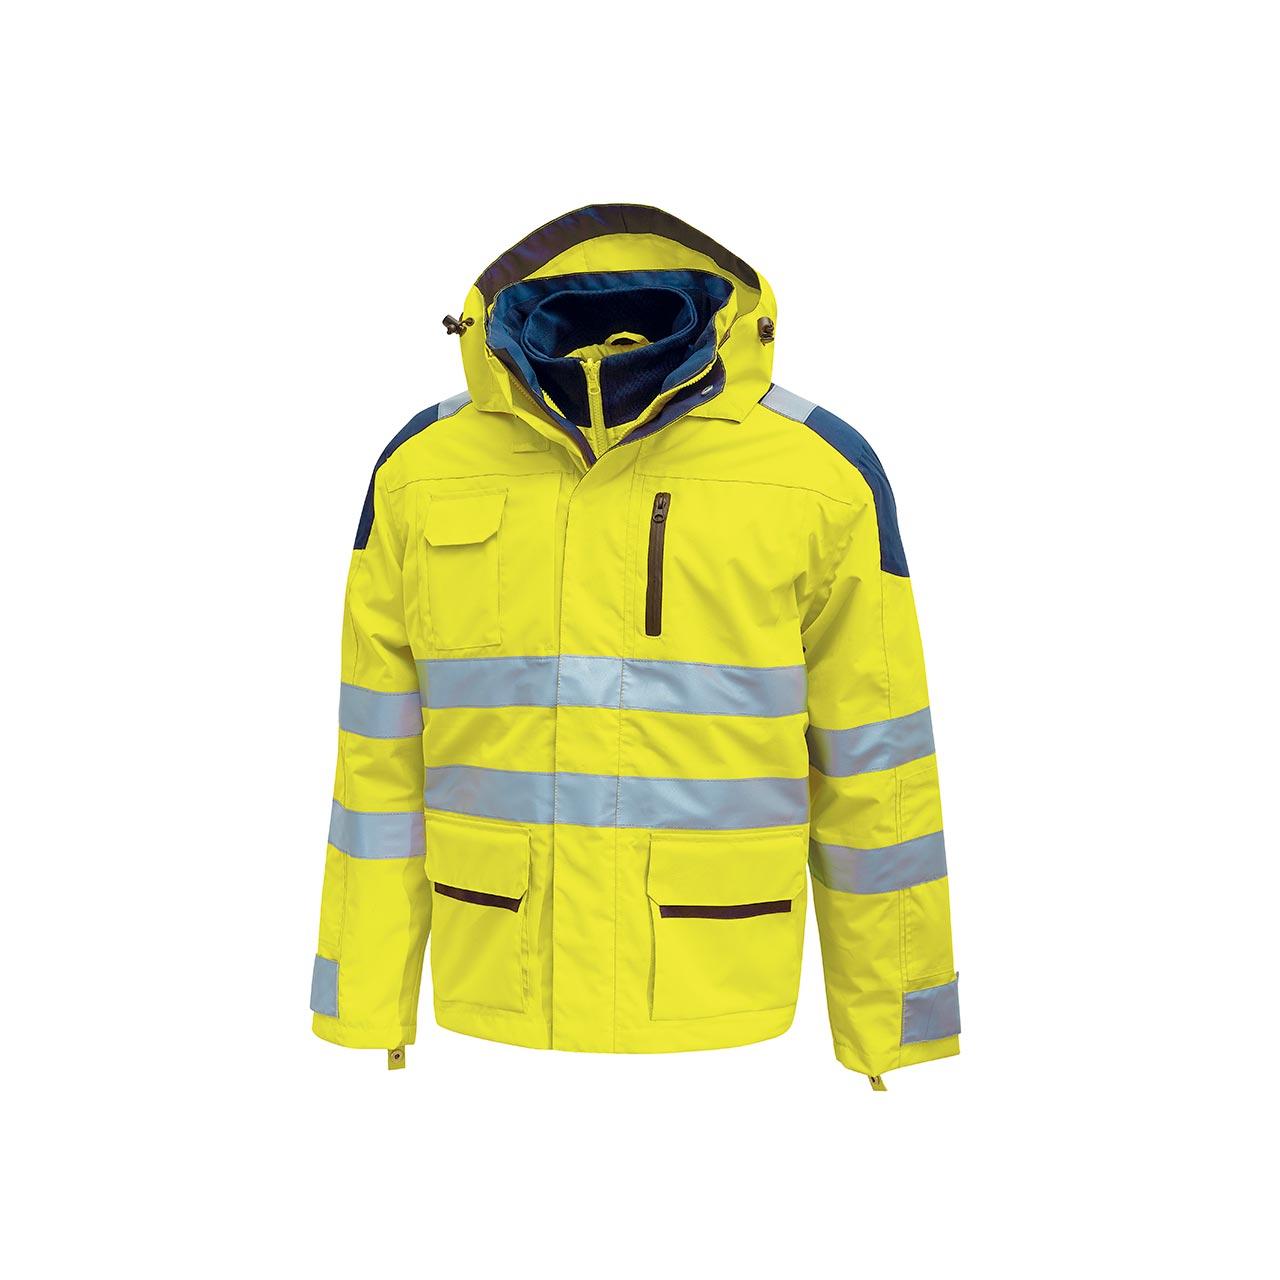 giacca da lavoro upower modello backer colore yellow fl